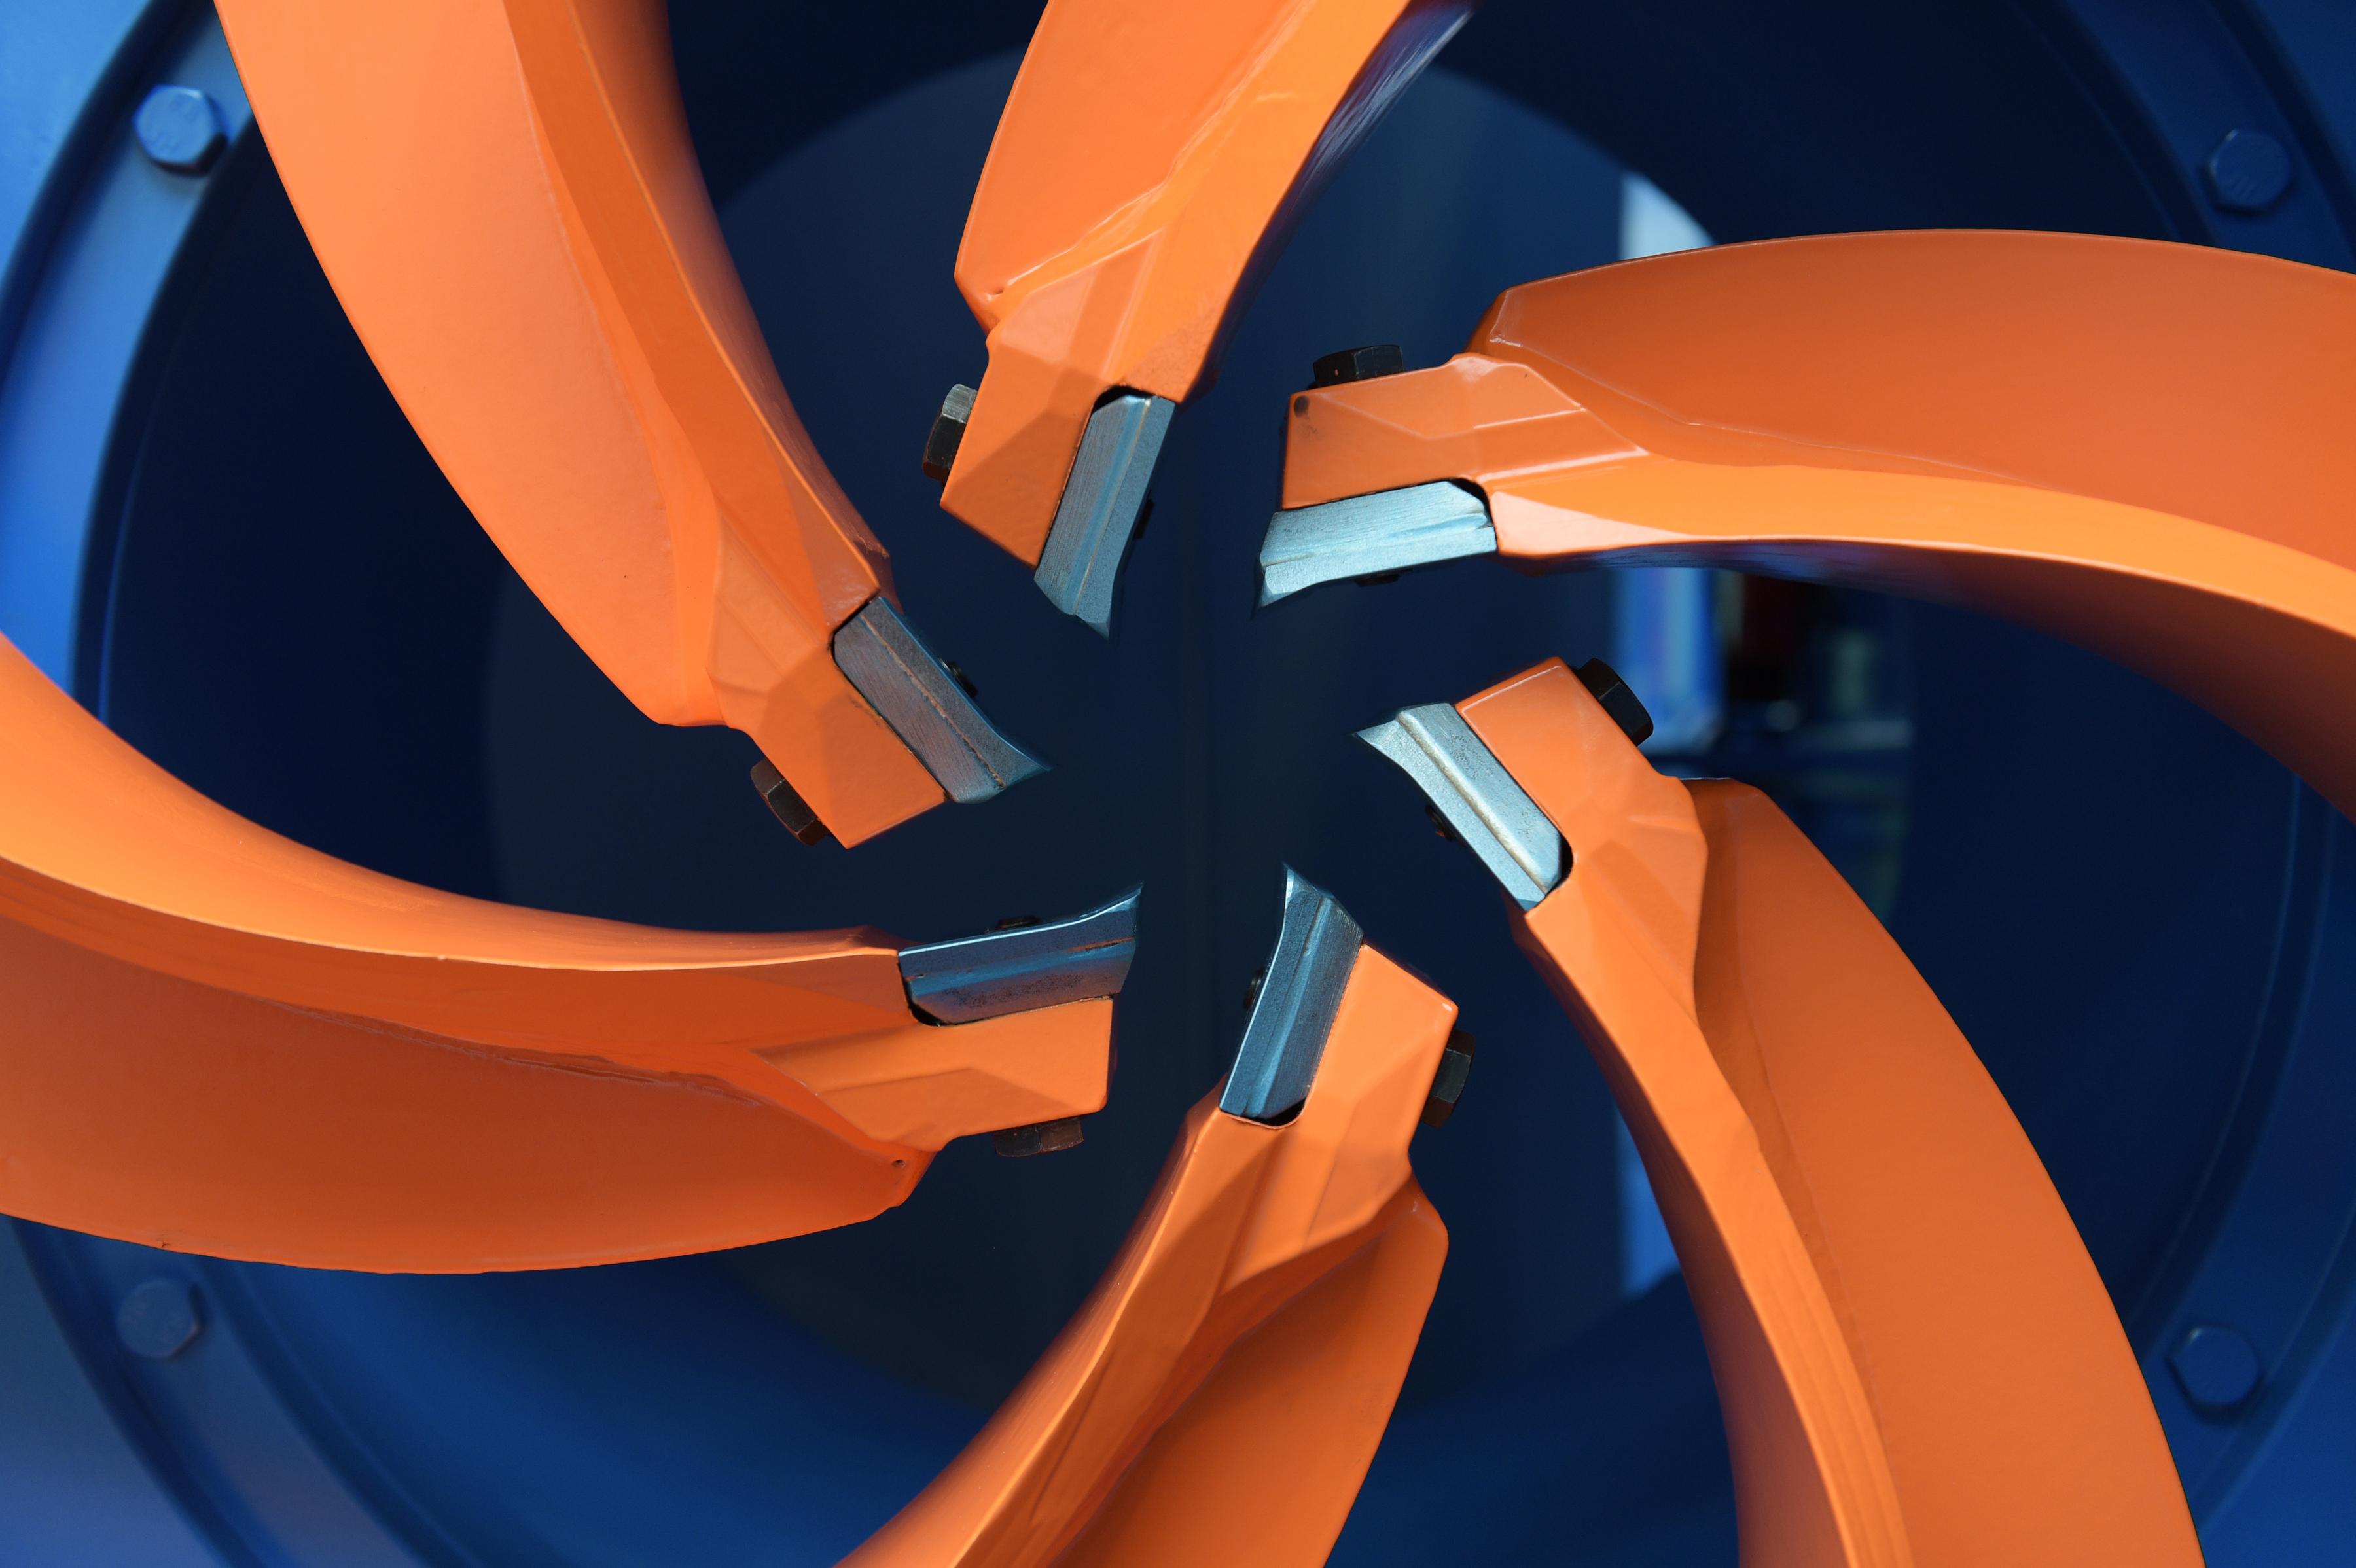 Sägewerkstechnik: Scheibchenweise Ressourcen schonen (Maschinen und Anlagen zur Herstellung von Schnittholz / Messtechnik und Optimierungssysteme für Rundholzplatz und Sägewerk)